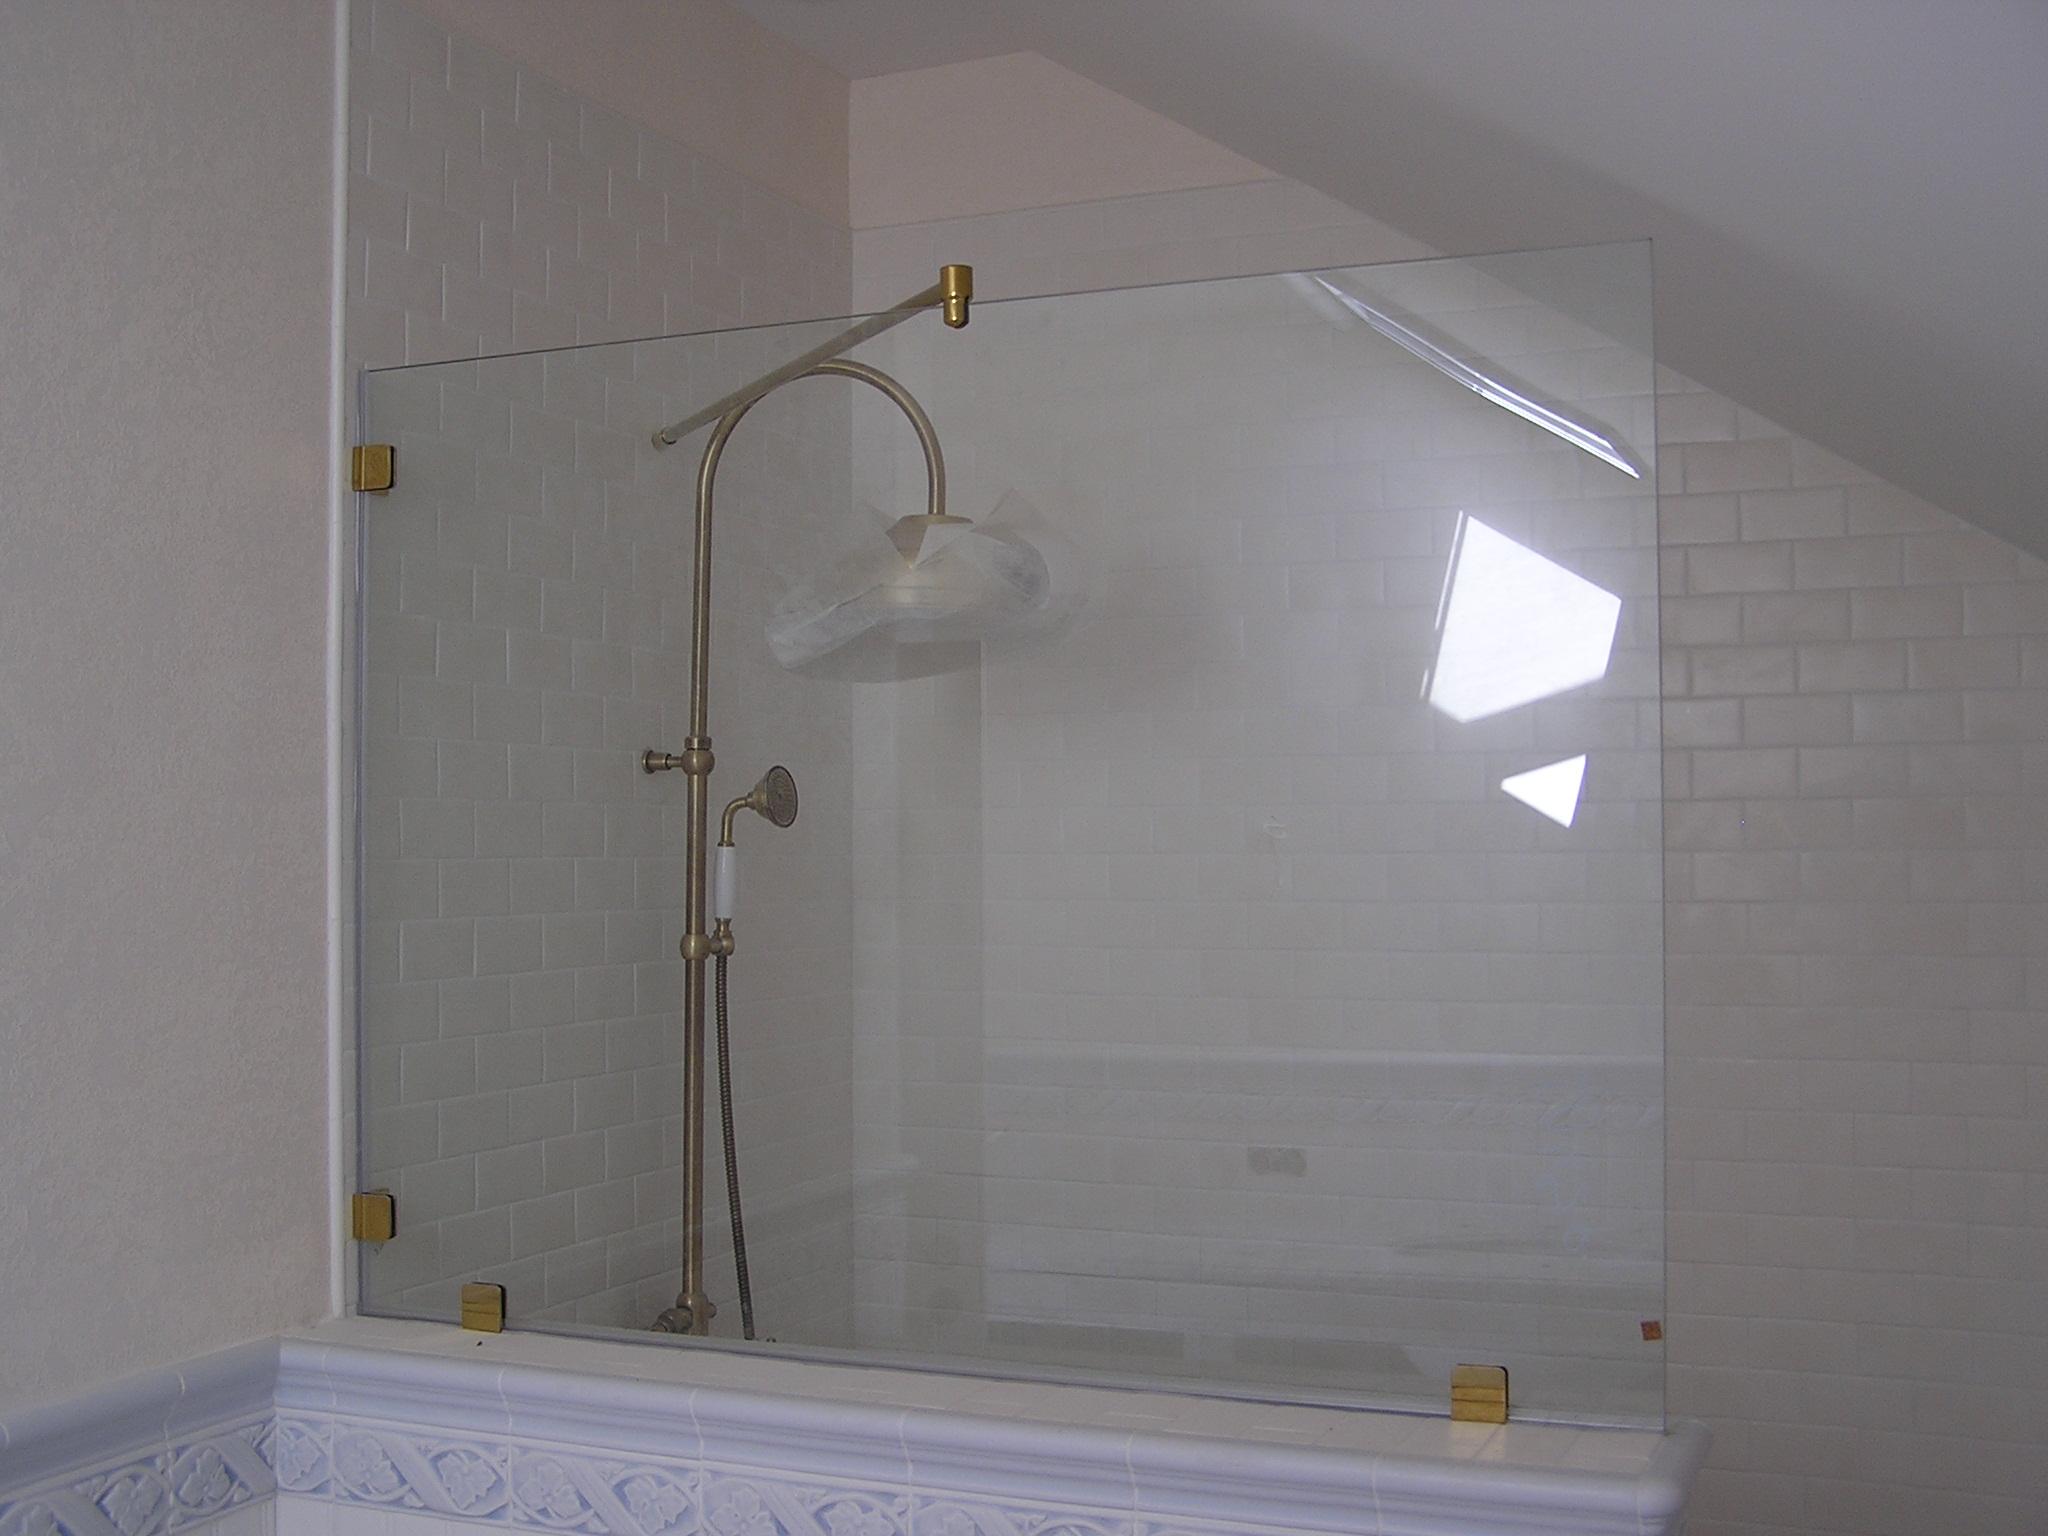 Фото как ширма изготовленная из стекла преображает комнату